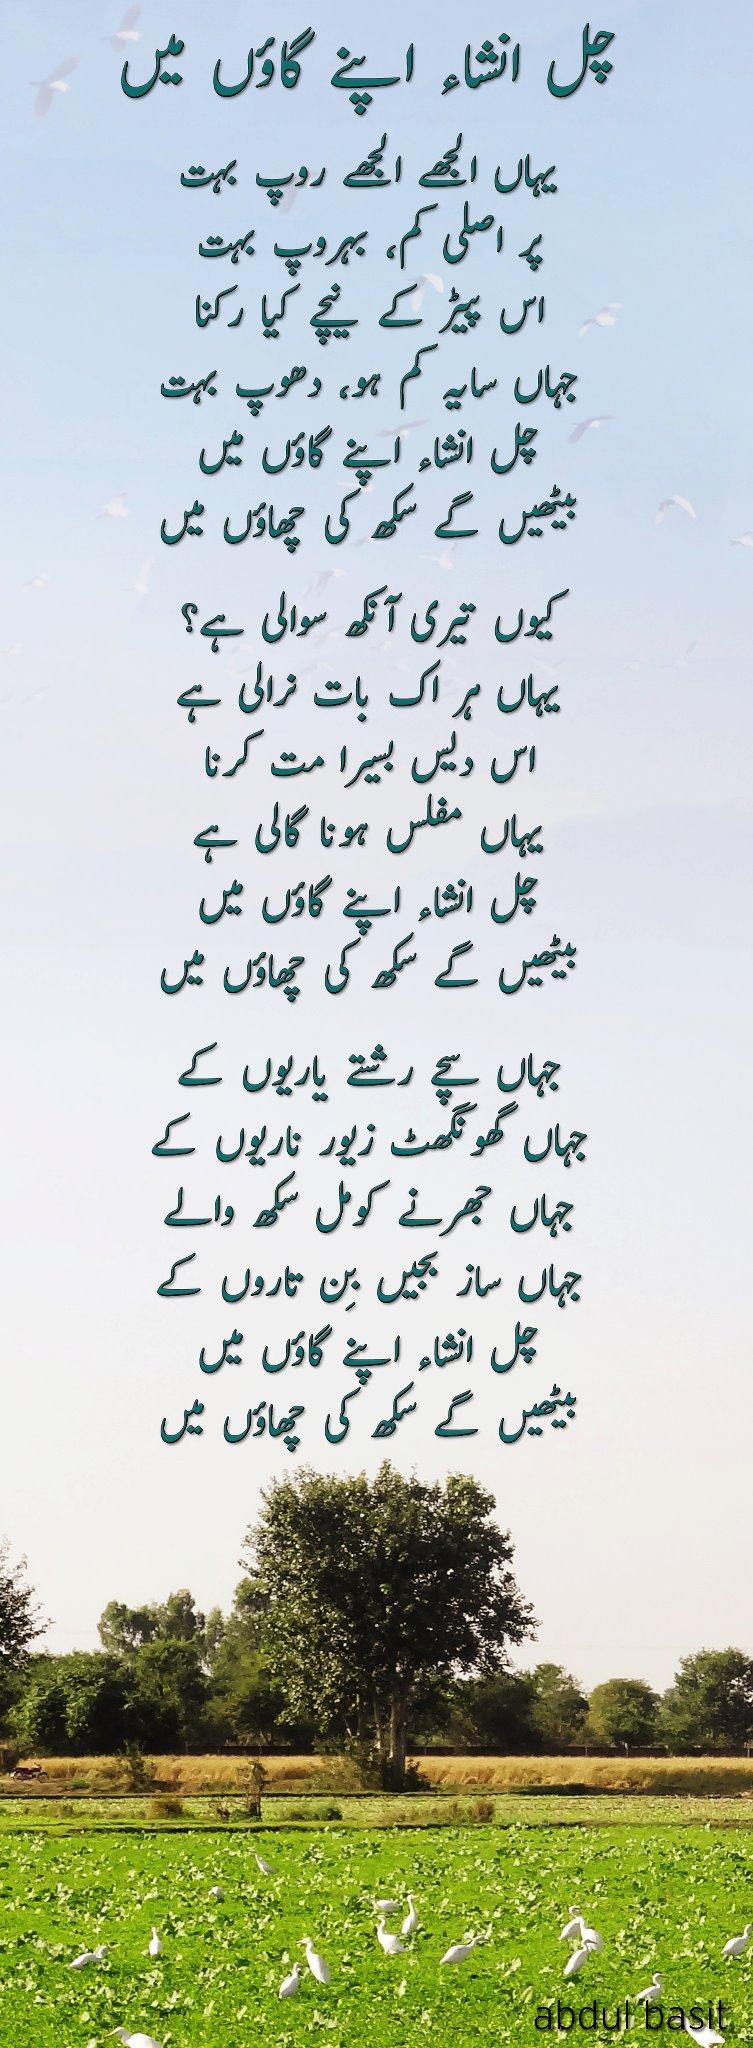 Poets | Urdu Poetry / Shayari | صفحہ 3